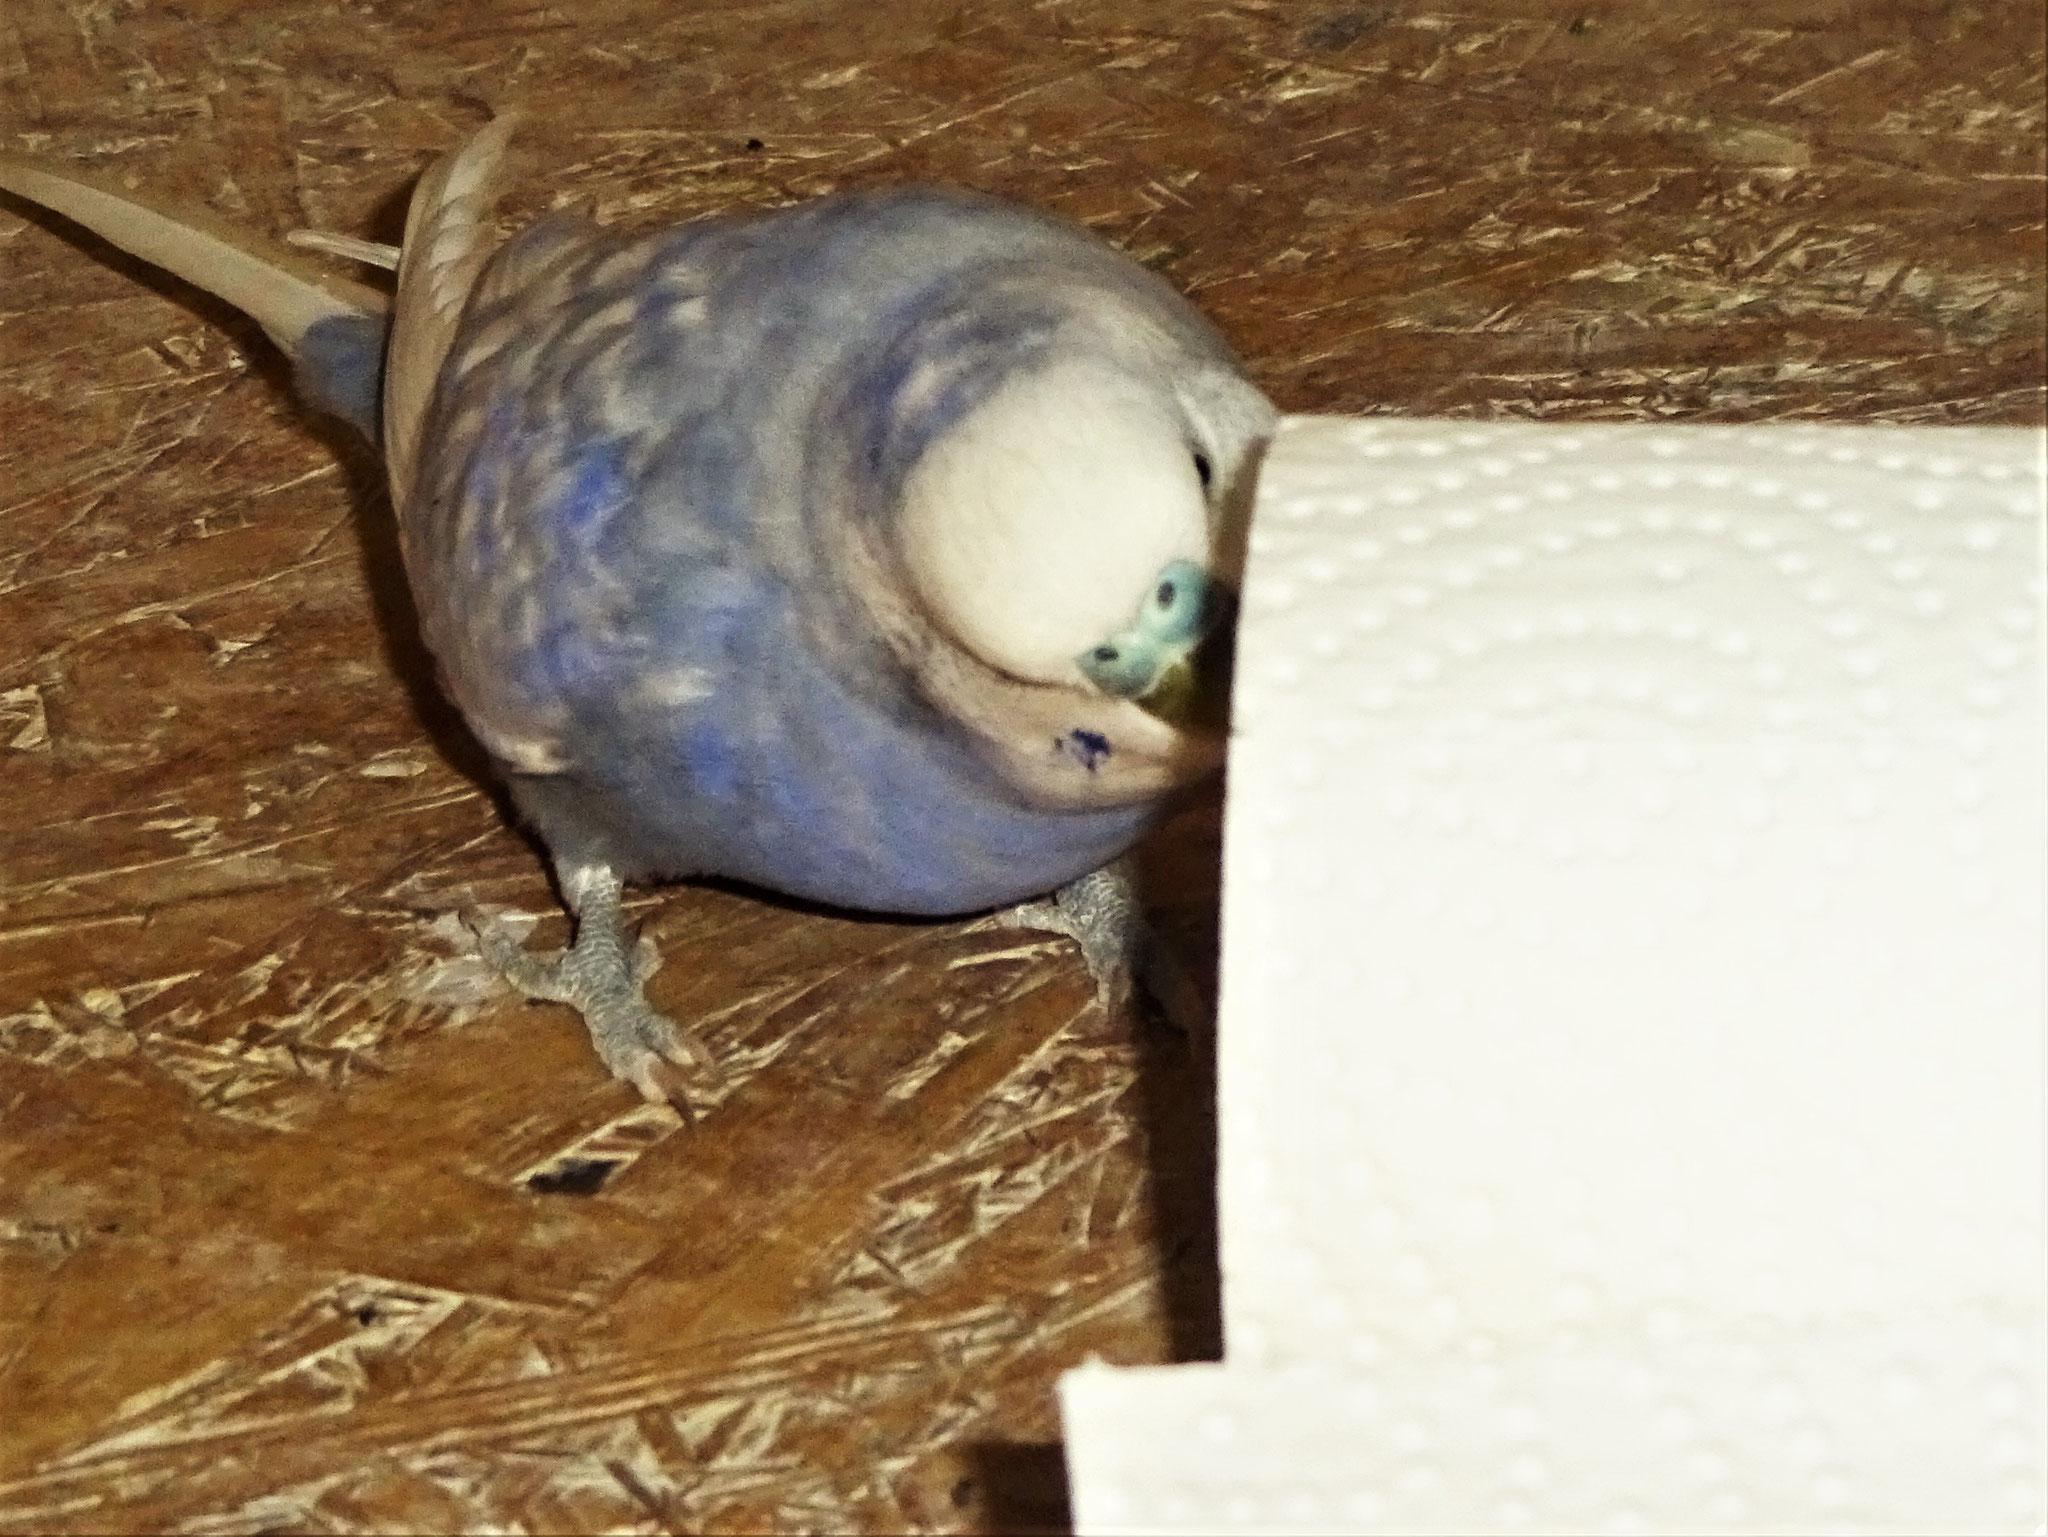 Monty untersucht die Rolle am Boden   ;-)